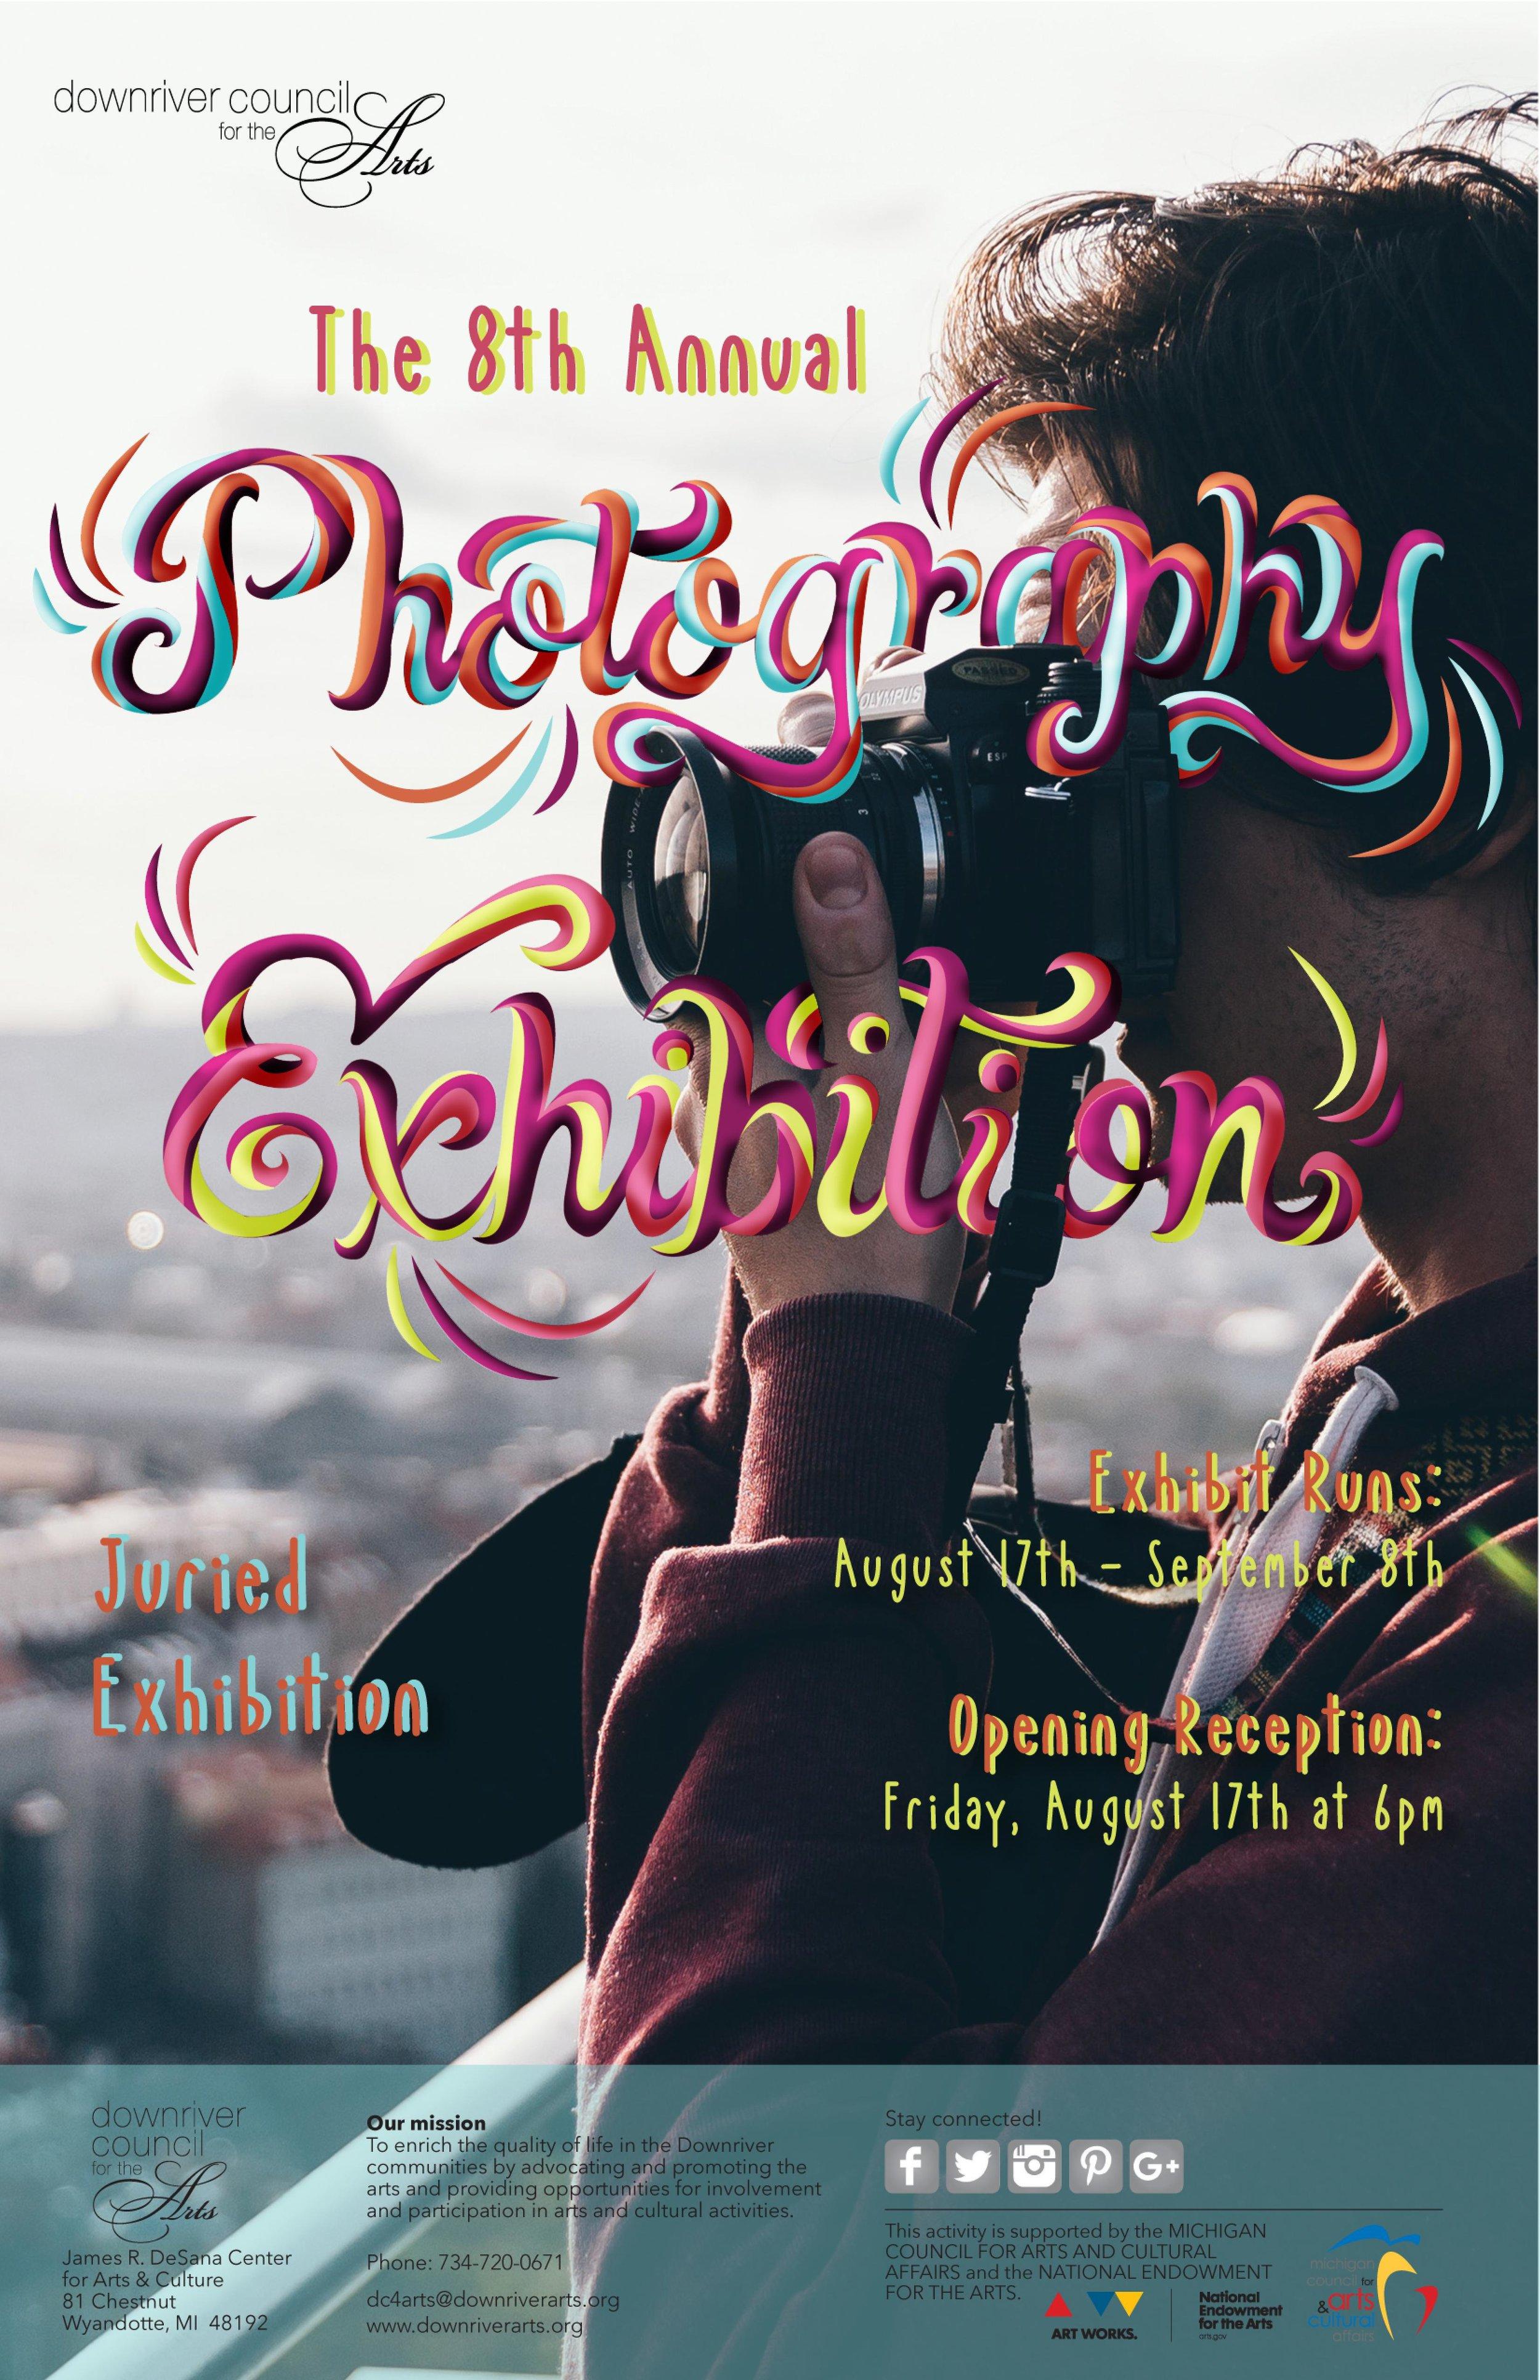 photo_exhibit 11x17-poster_00001.jpg